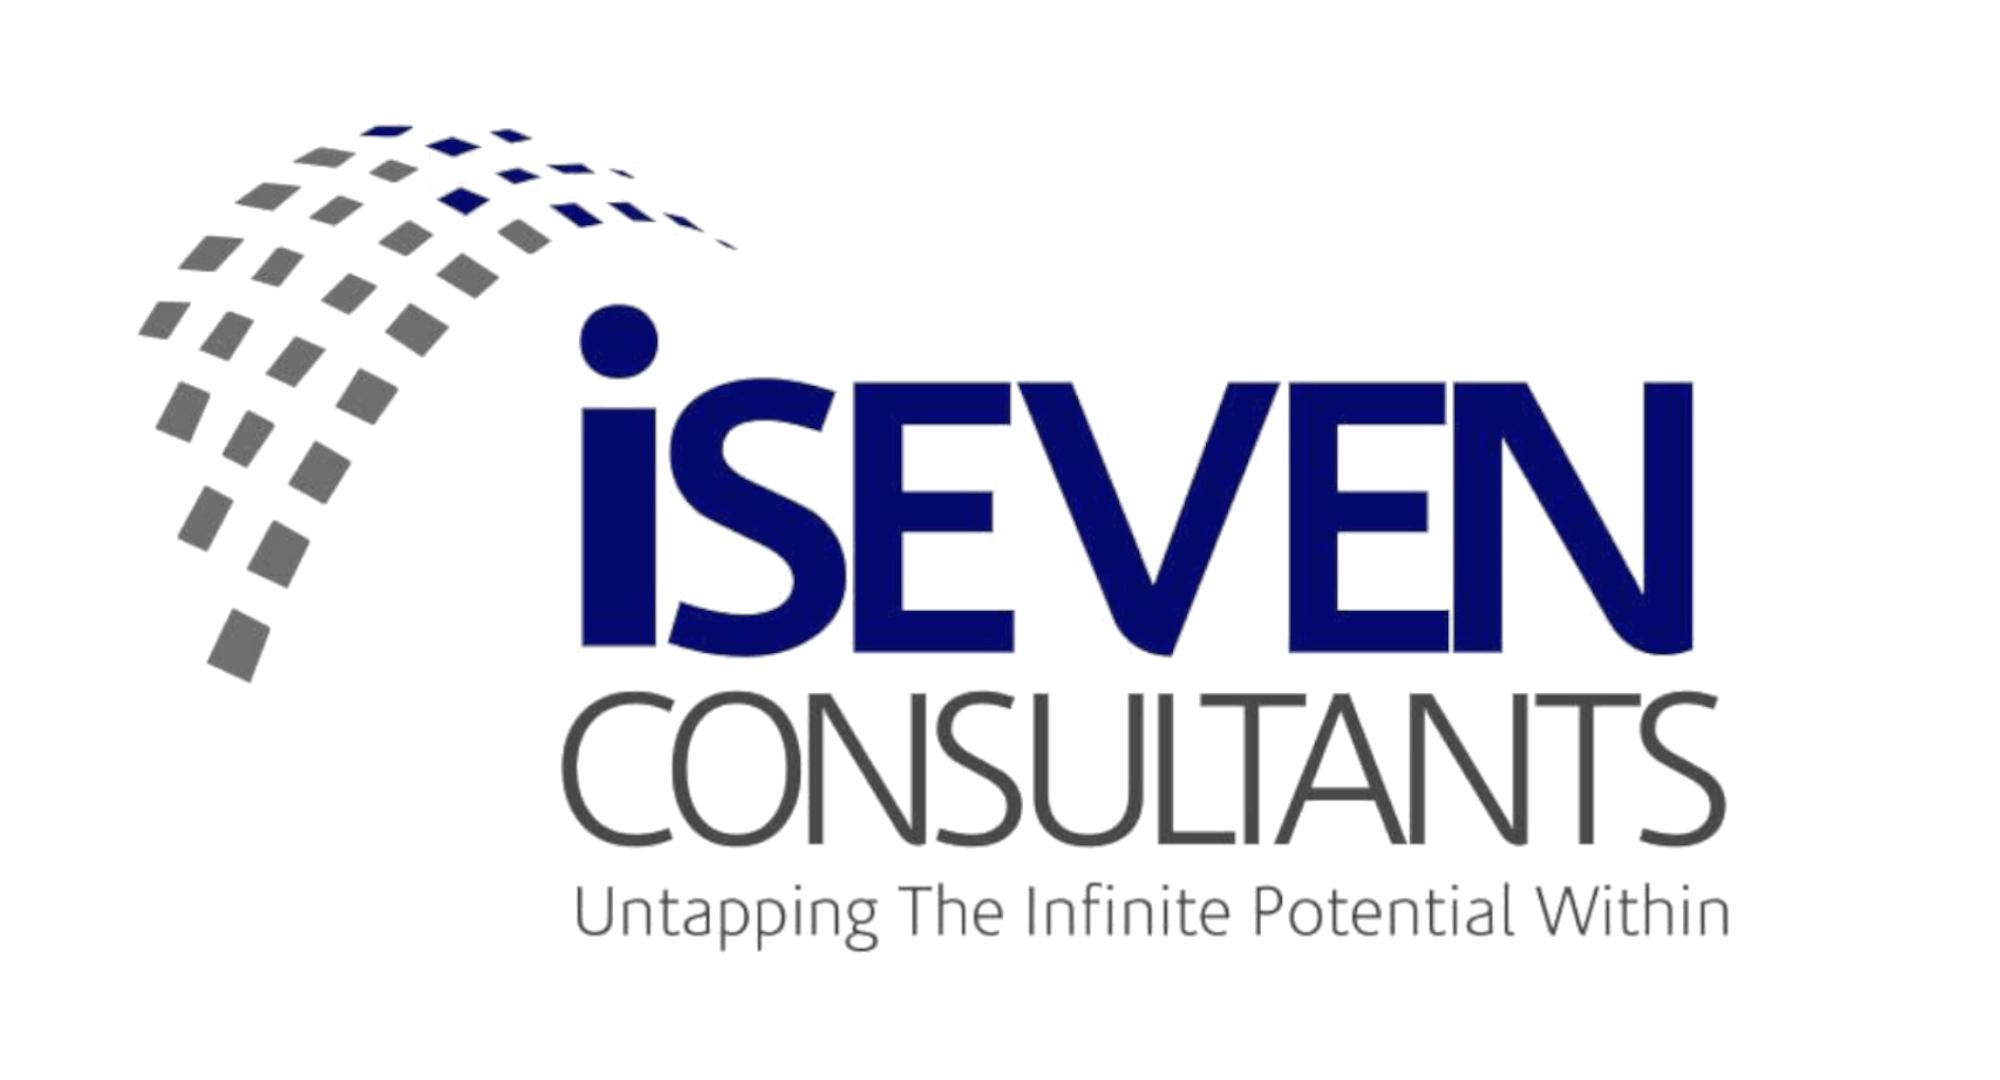 iSeven Consultants